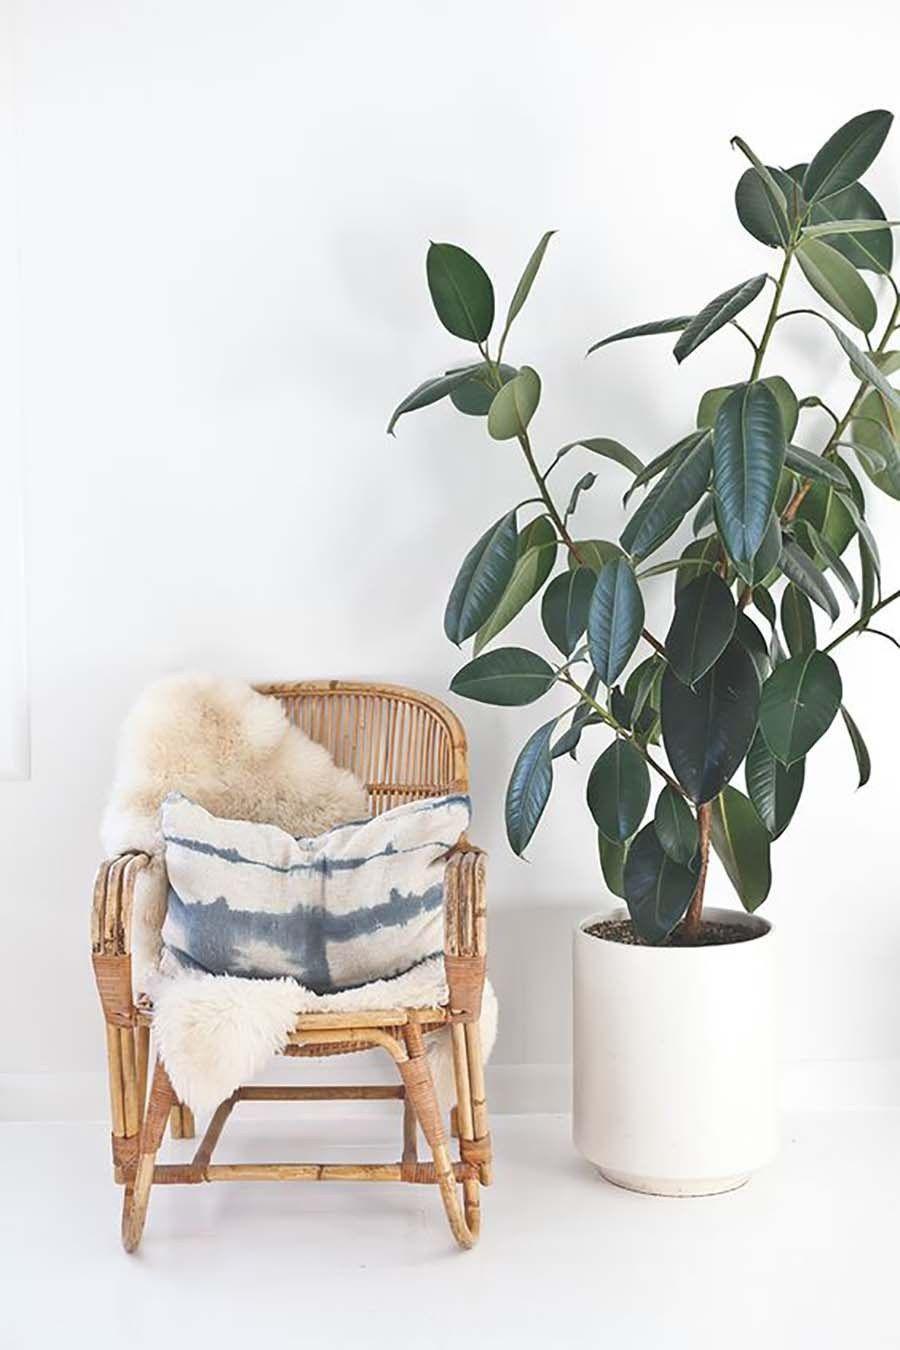 caoutchouc plante verte facile entretien